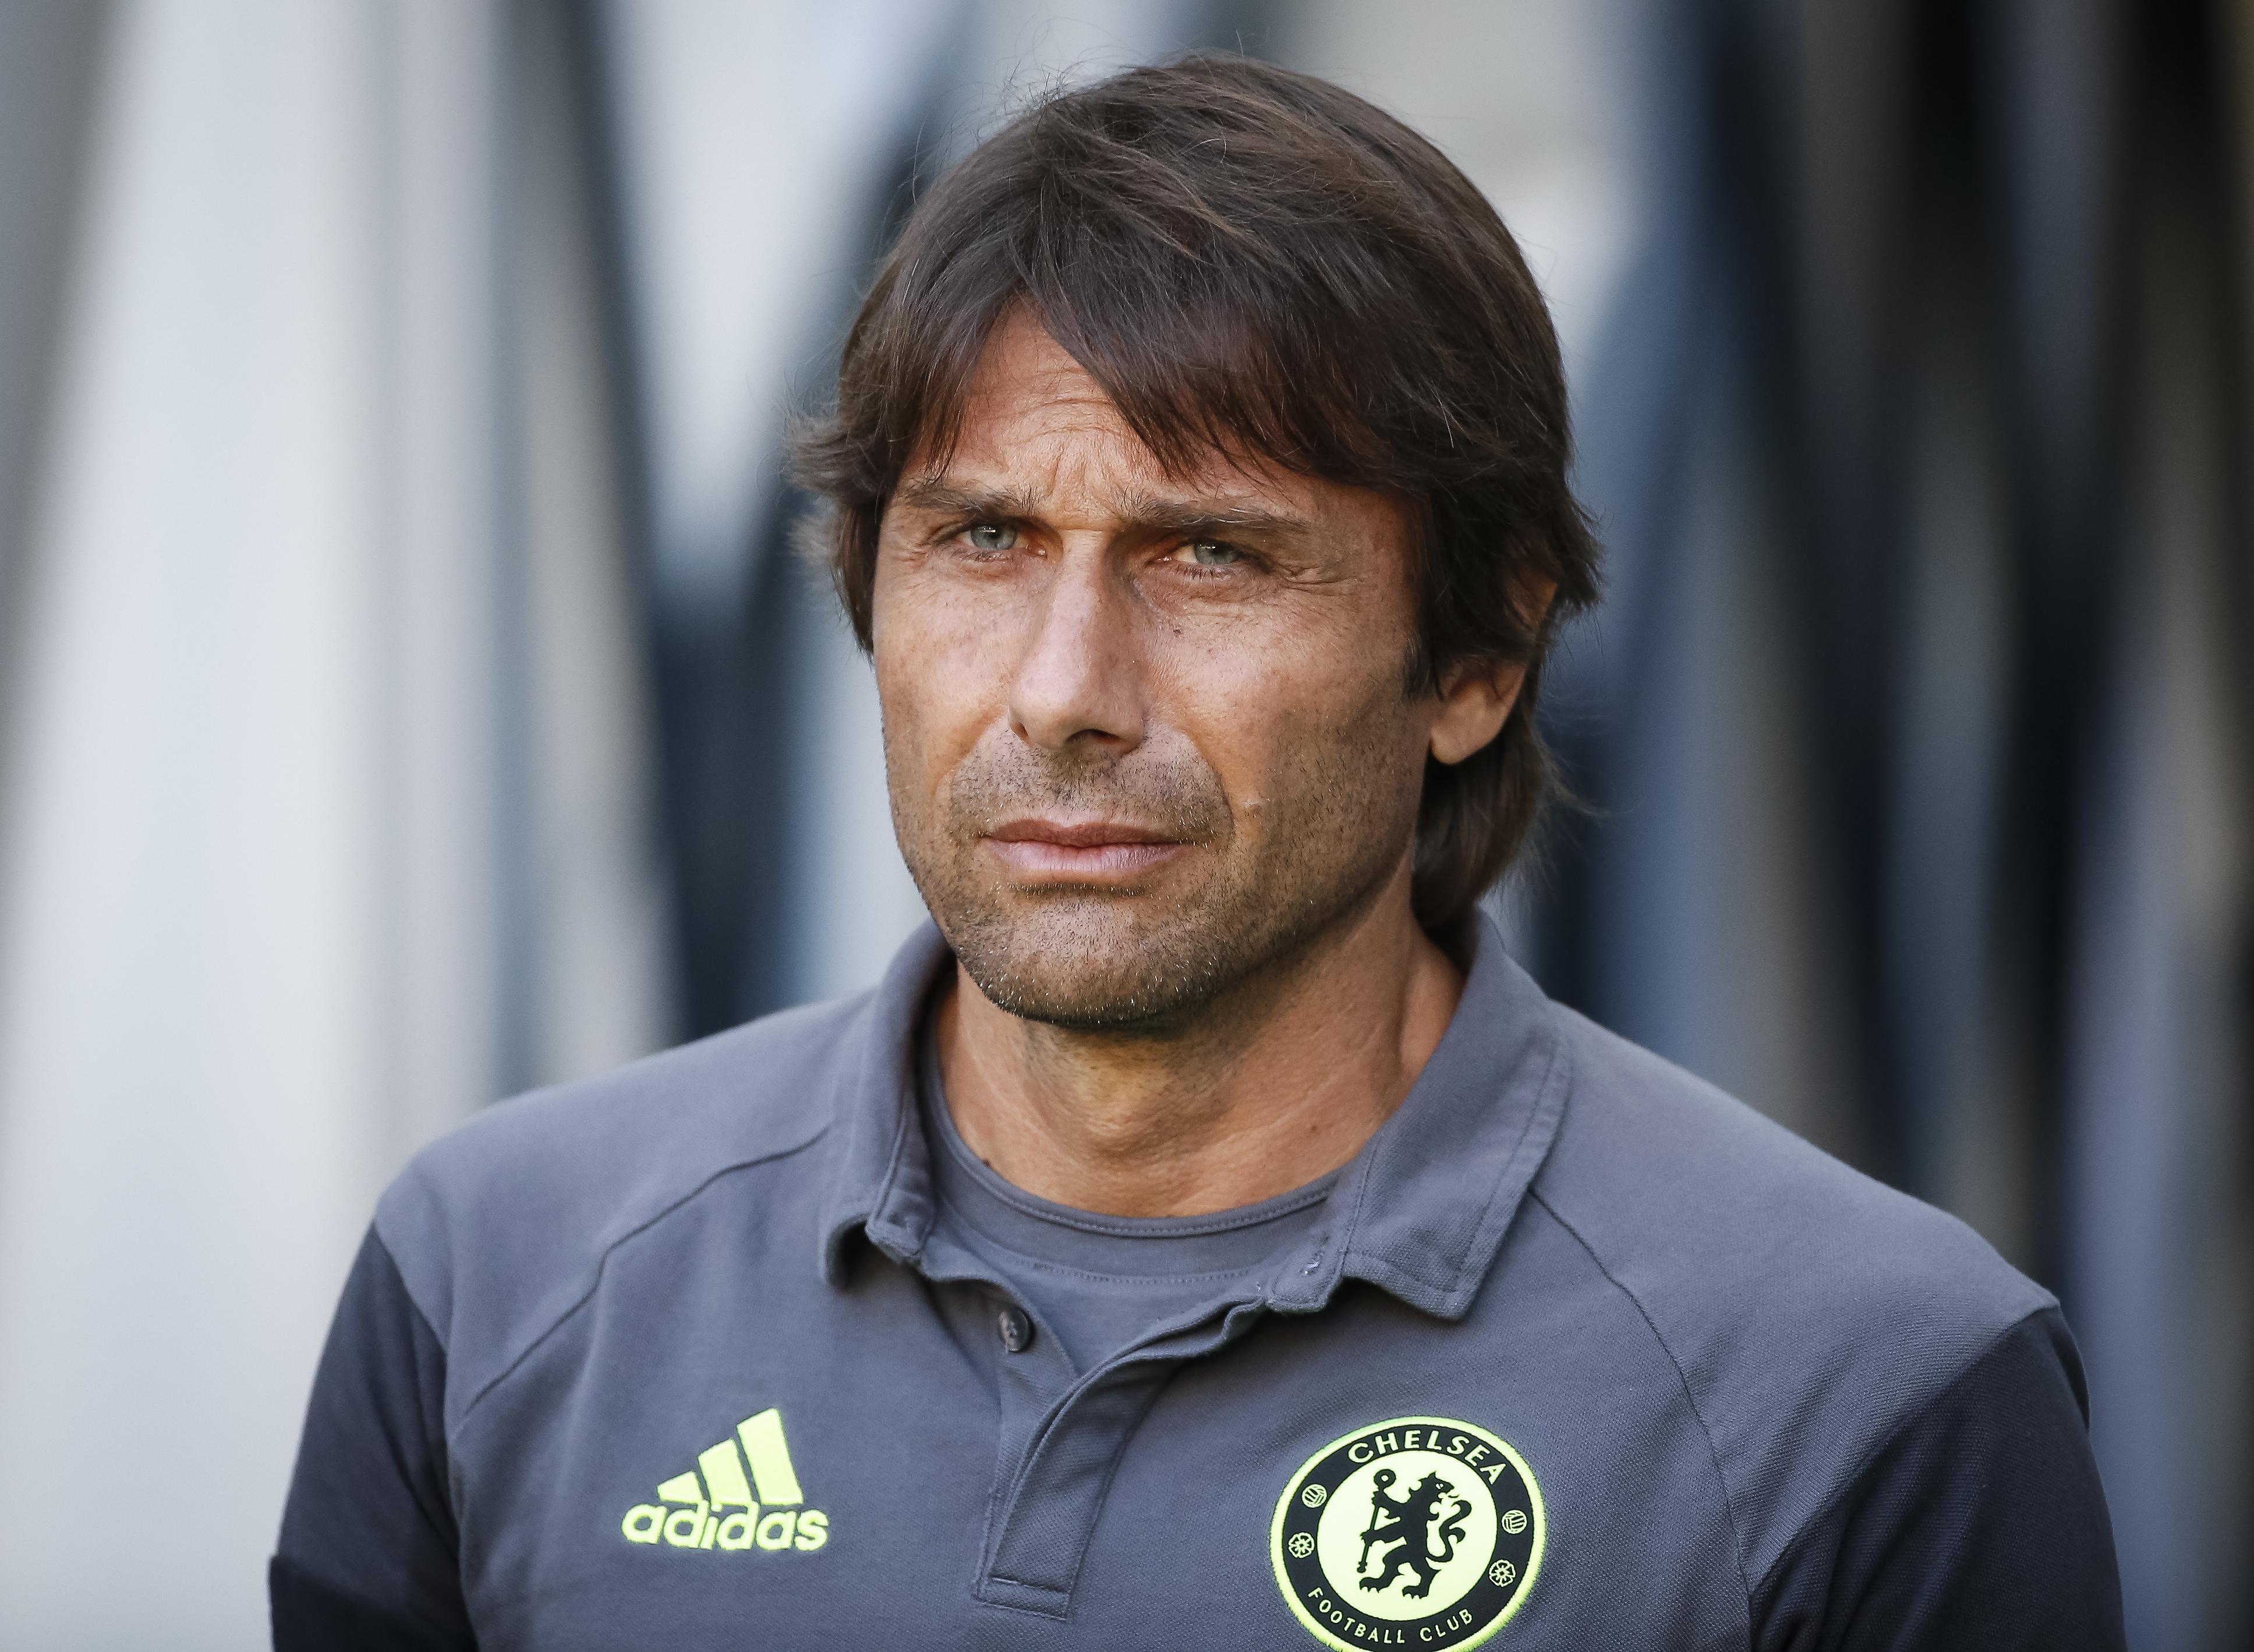 Chelsea: David Luiz not really Antonio Conte's signing?